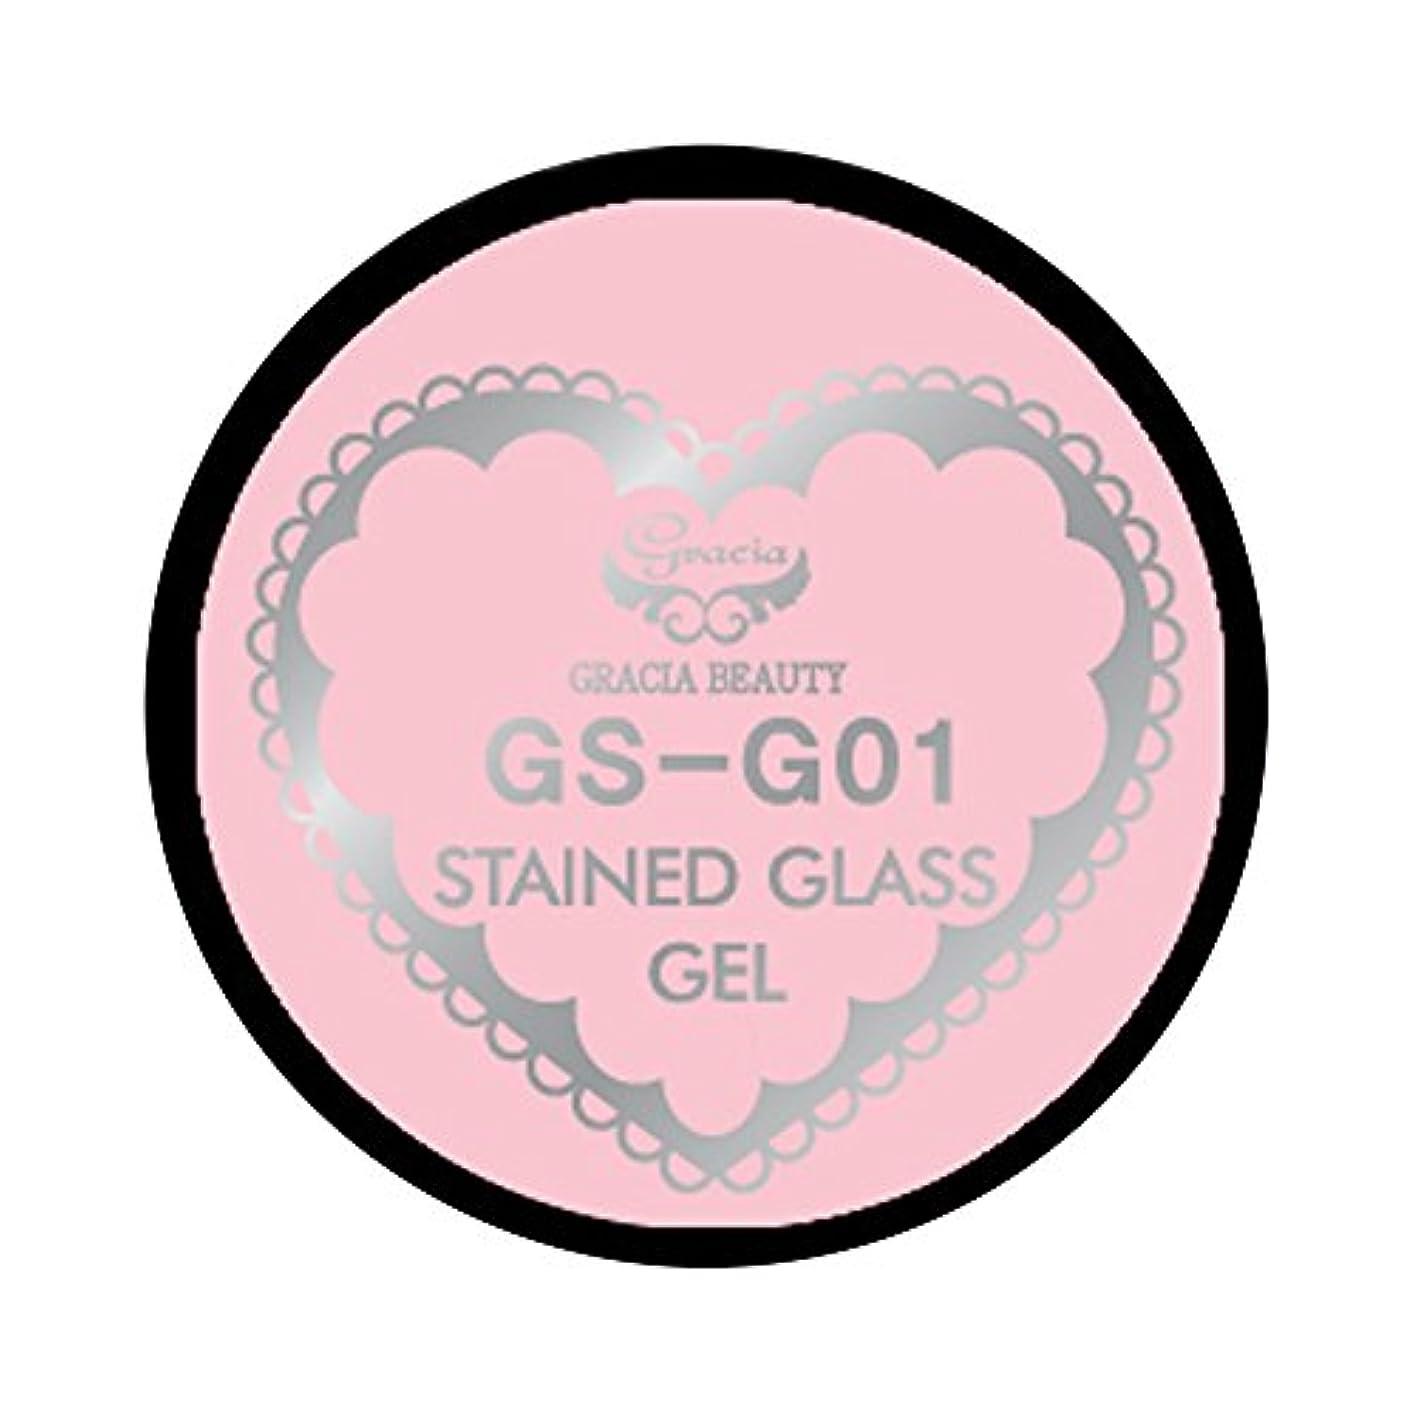 険しい難破船驚かすグラシア ジェルネイル ステンドグラスジェル GSM-G01 3g  グリッター UV/LED対応 カラージェル ソークオフジェル ガラスのような透明感